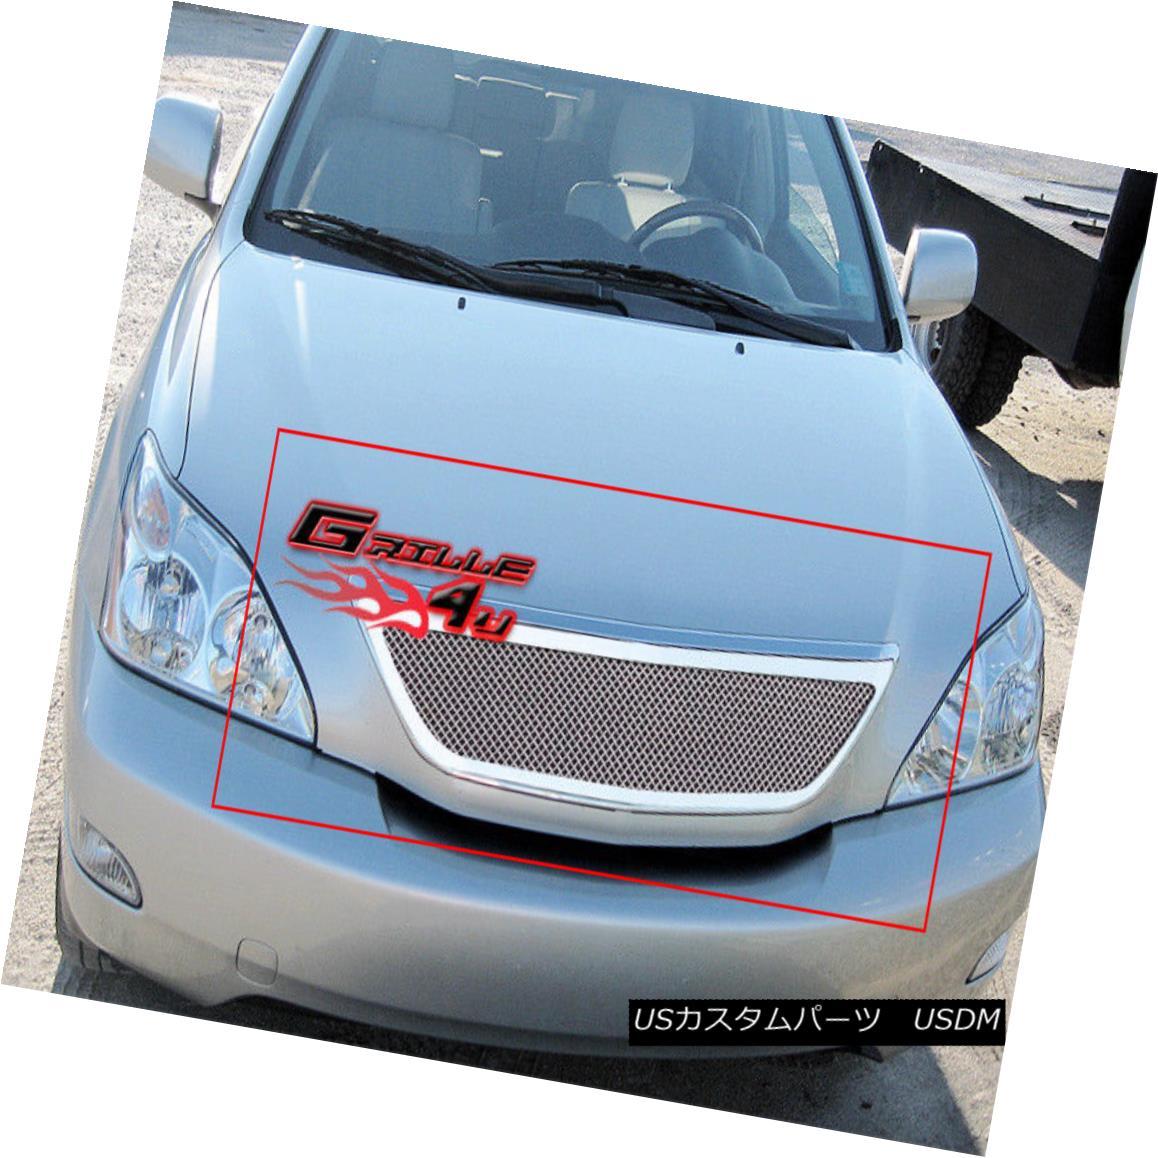 グリル Fits 2004-2006 Lexus RX330 Stainless Mesh Grille Insert 2004-2006 Lexus RX330ステンレスメッシュグリルインサートに適合